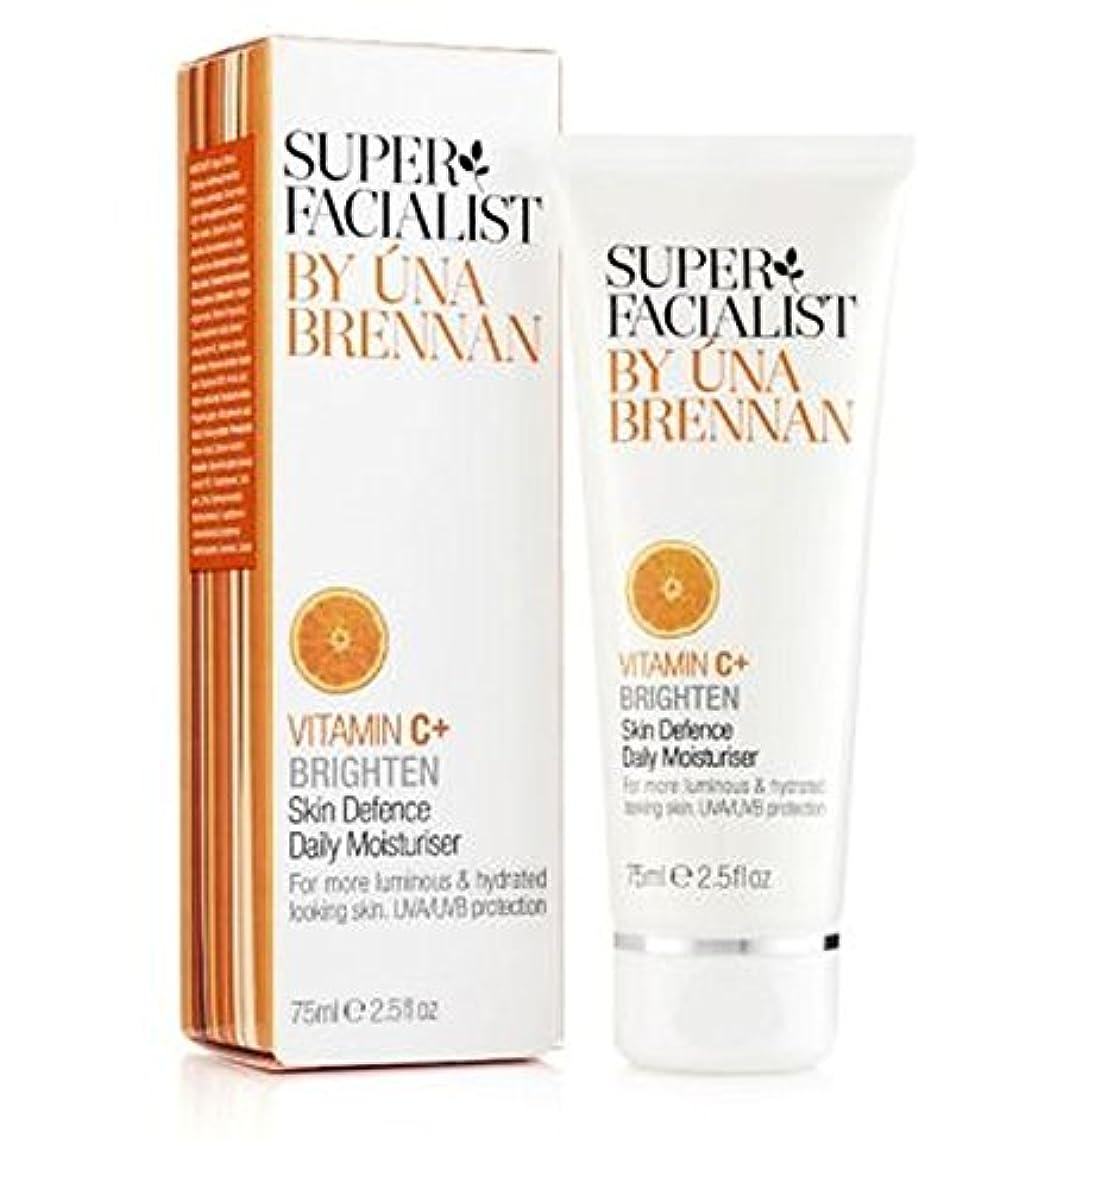 死んでいる依存請うSuper Facialist Vitamin C+ Skin Defence Daily Moisturiser 75ml - スーパーFacialistのビタミンC +皮膚の防衛毎日の保湿75ミリリットル (Superfacialist...